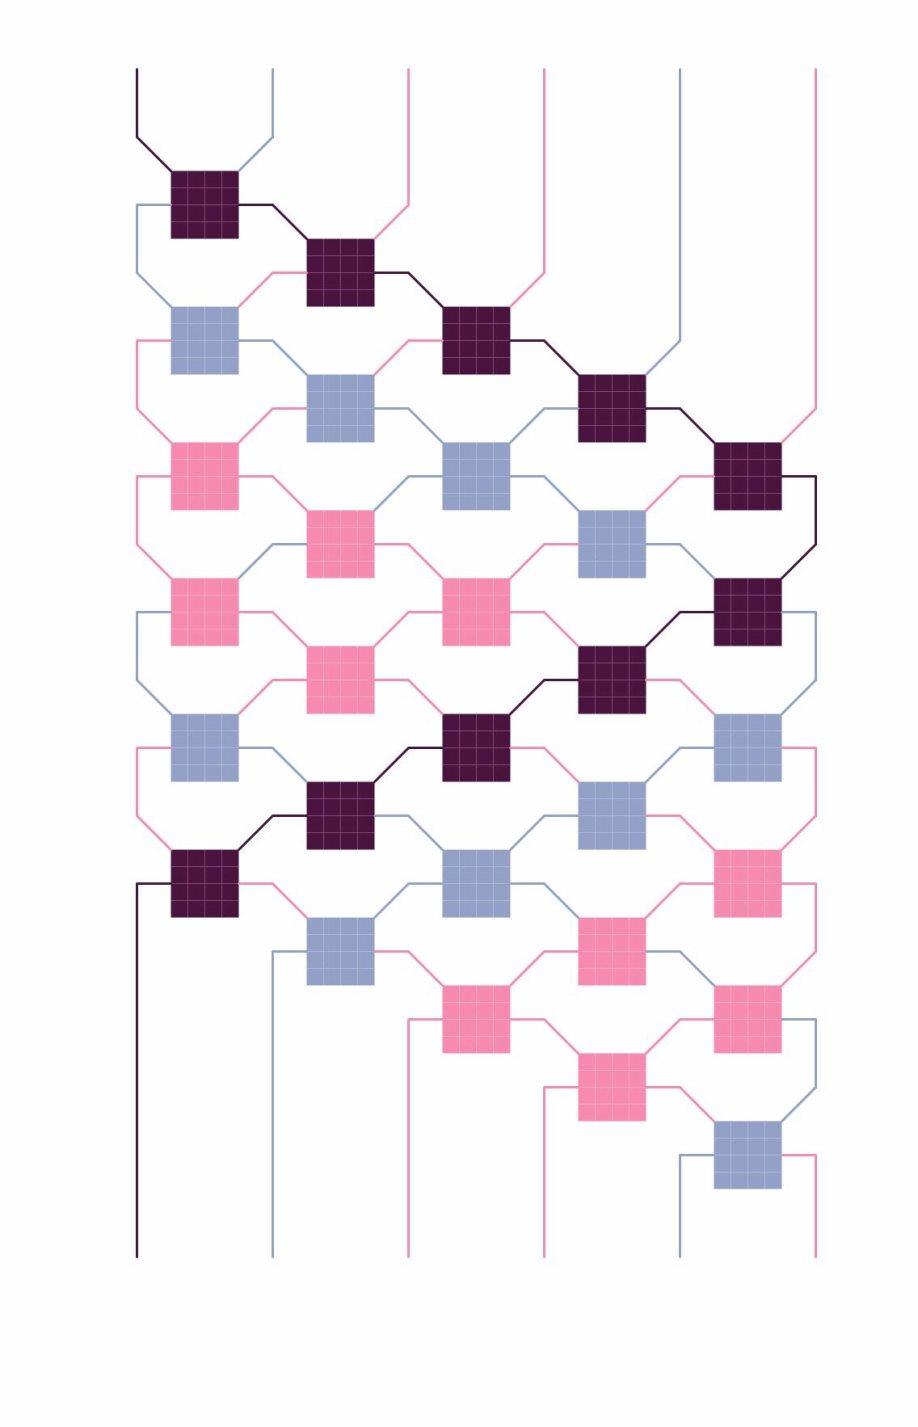 Zigzag pattern variation c